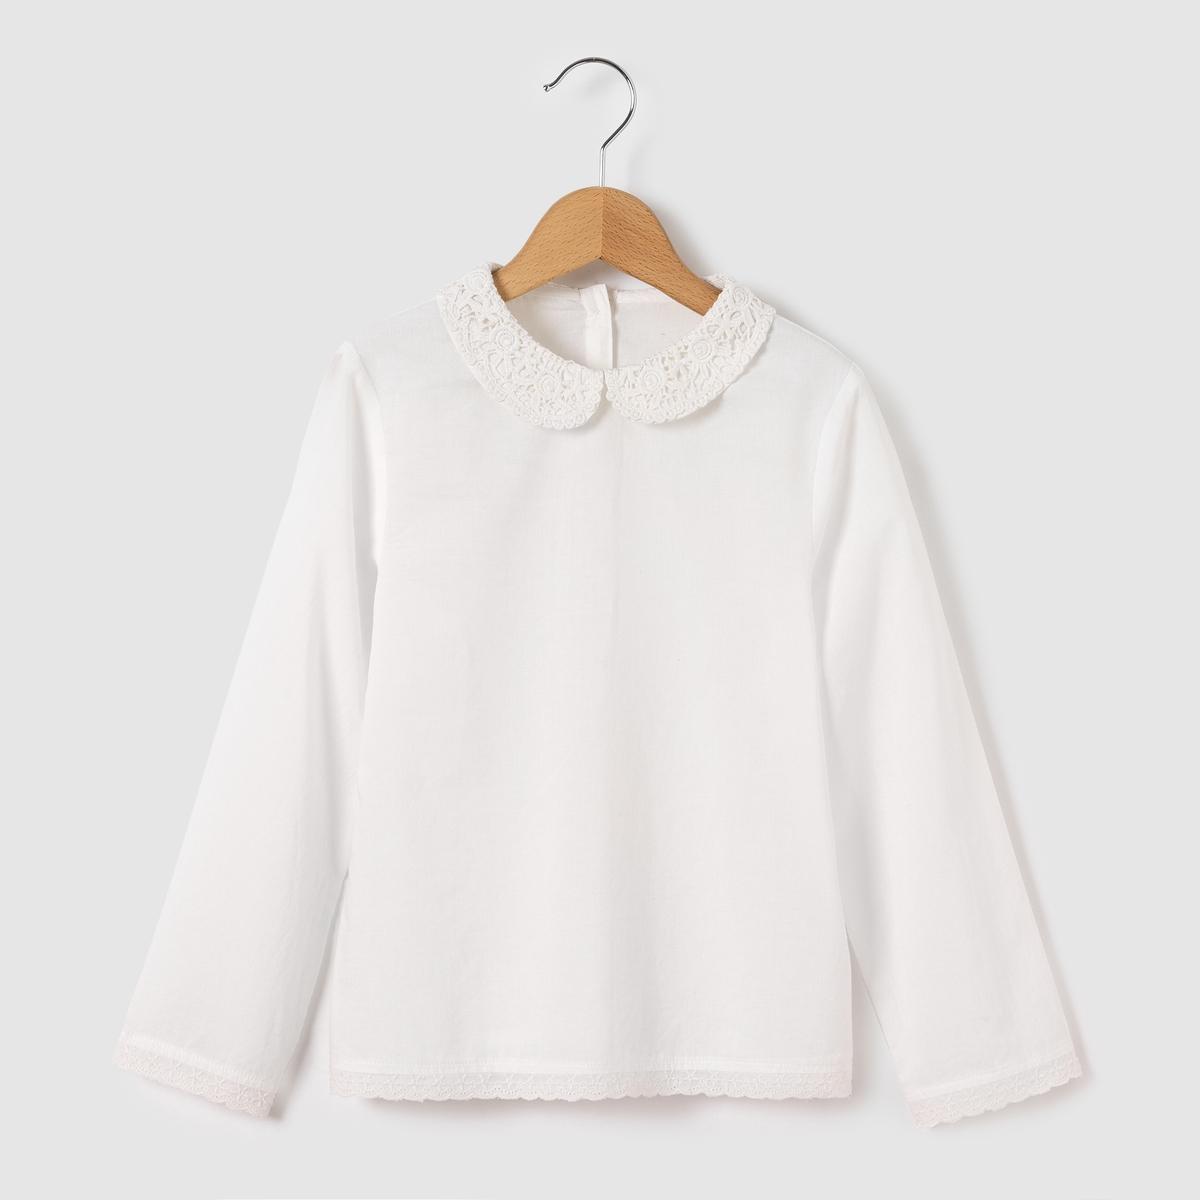 Блузка с закругленным отложным воротником и вышивкой макраме, 3-12 лет